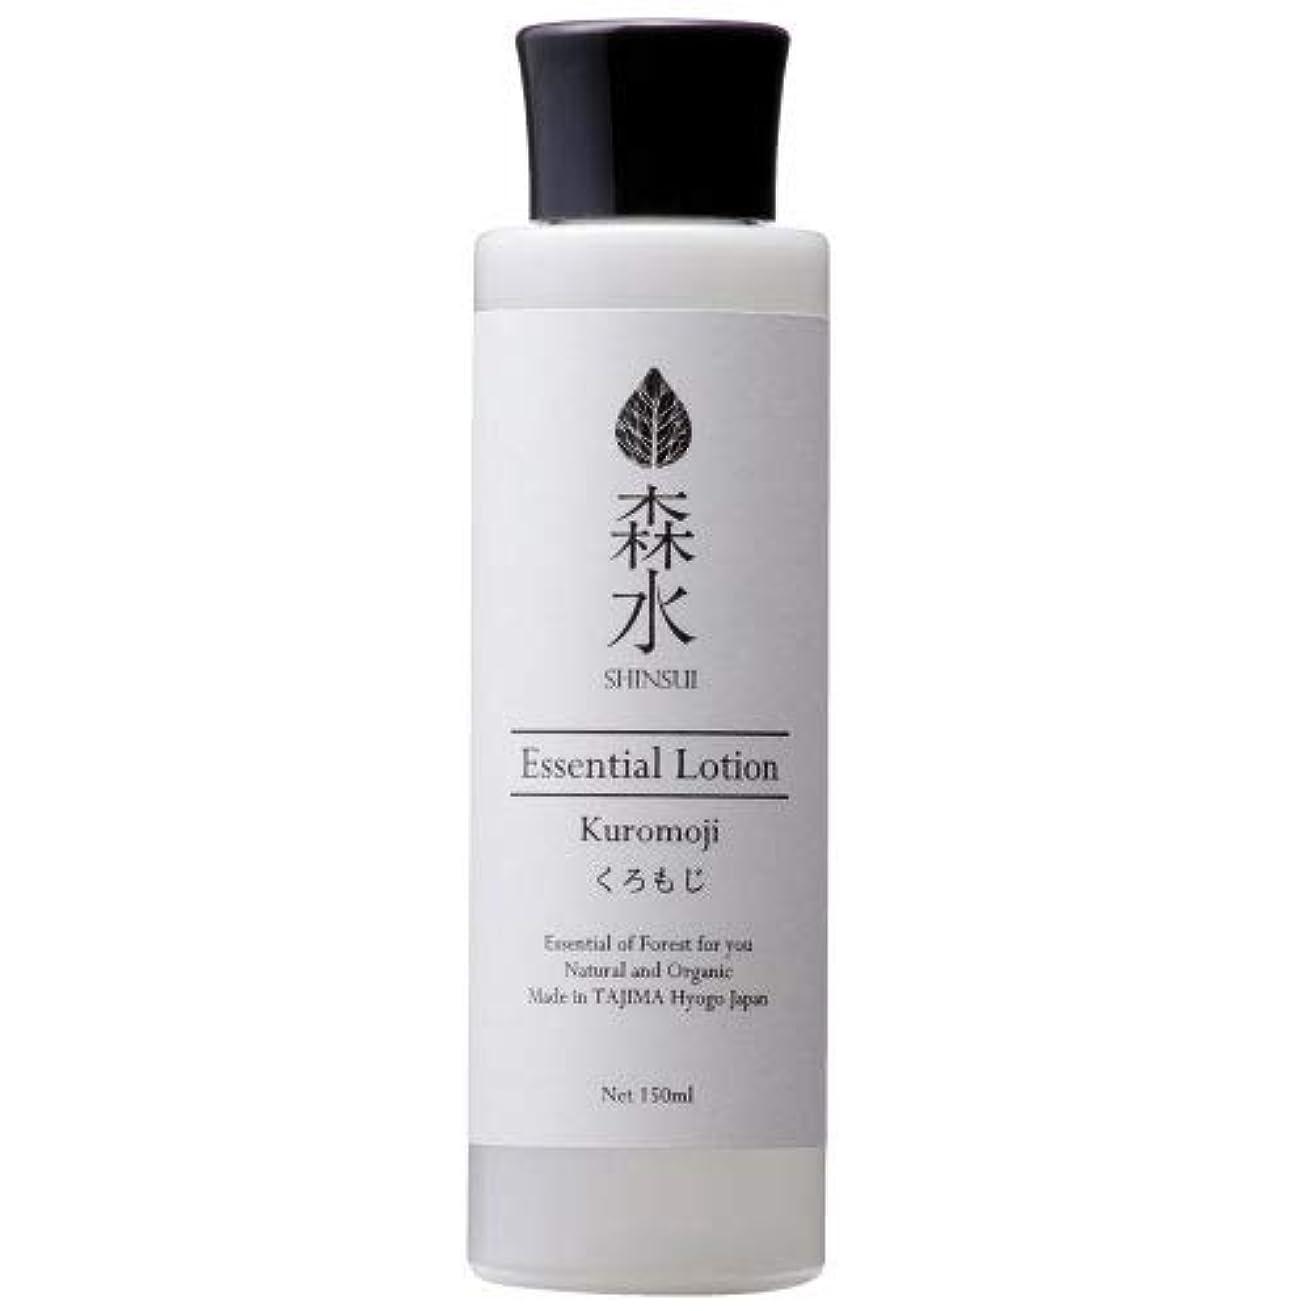 単調な特派員限定森水-SHINSUI シンスイ-くろもじ化粧水(Kuromoji Essential Lotion)150ml